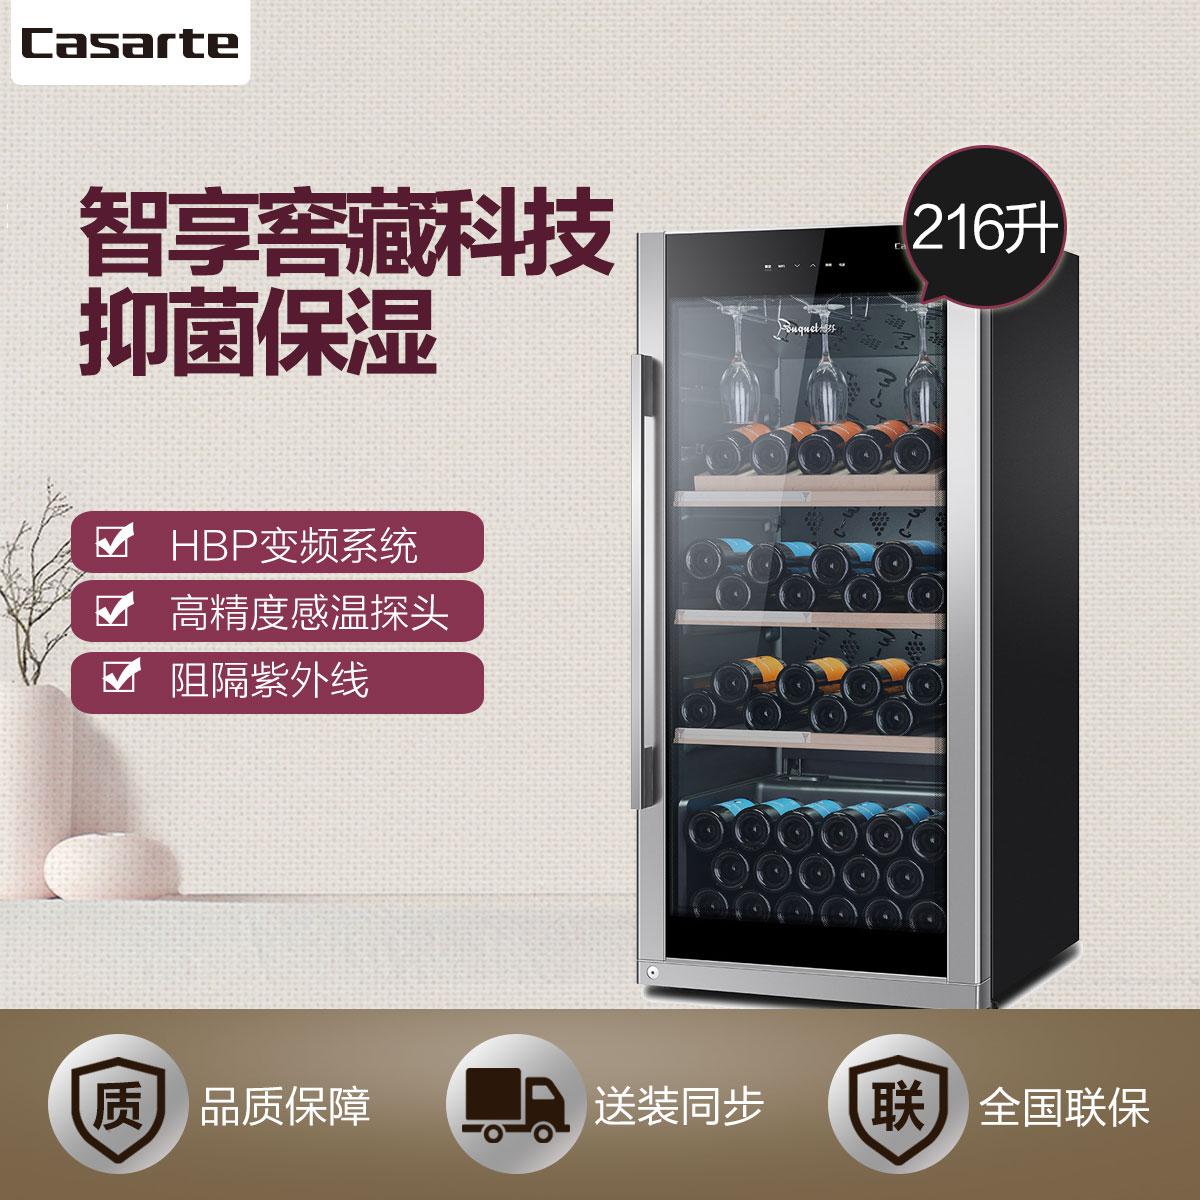 Casarte/卡萨帝 酒柜 JC-216BPU1